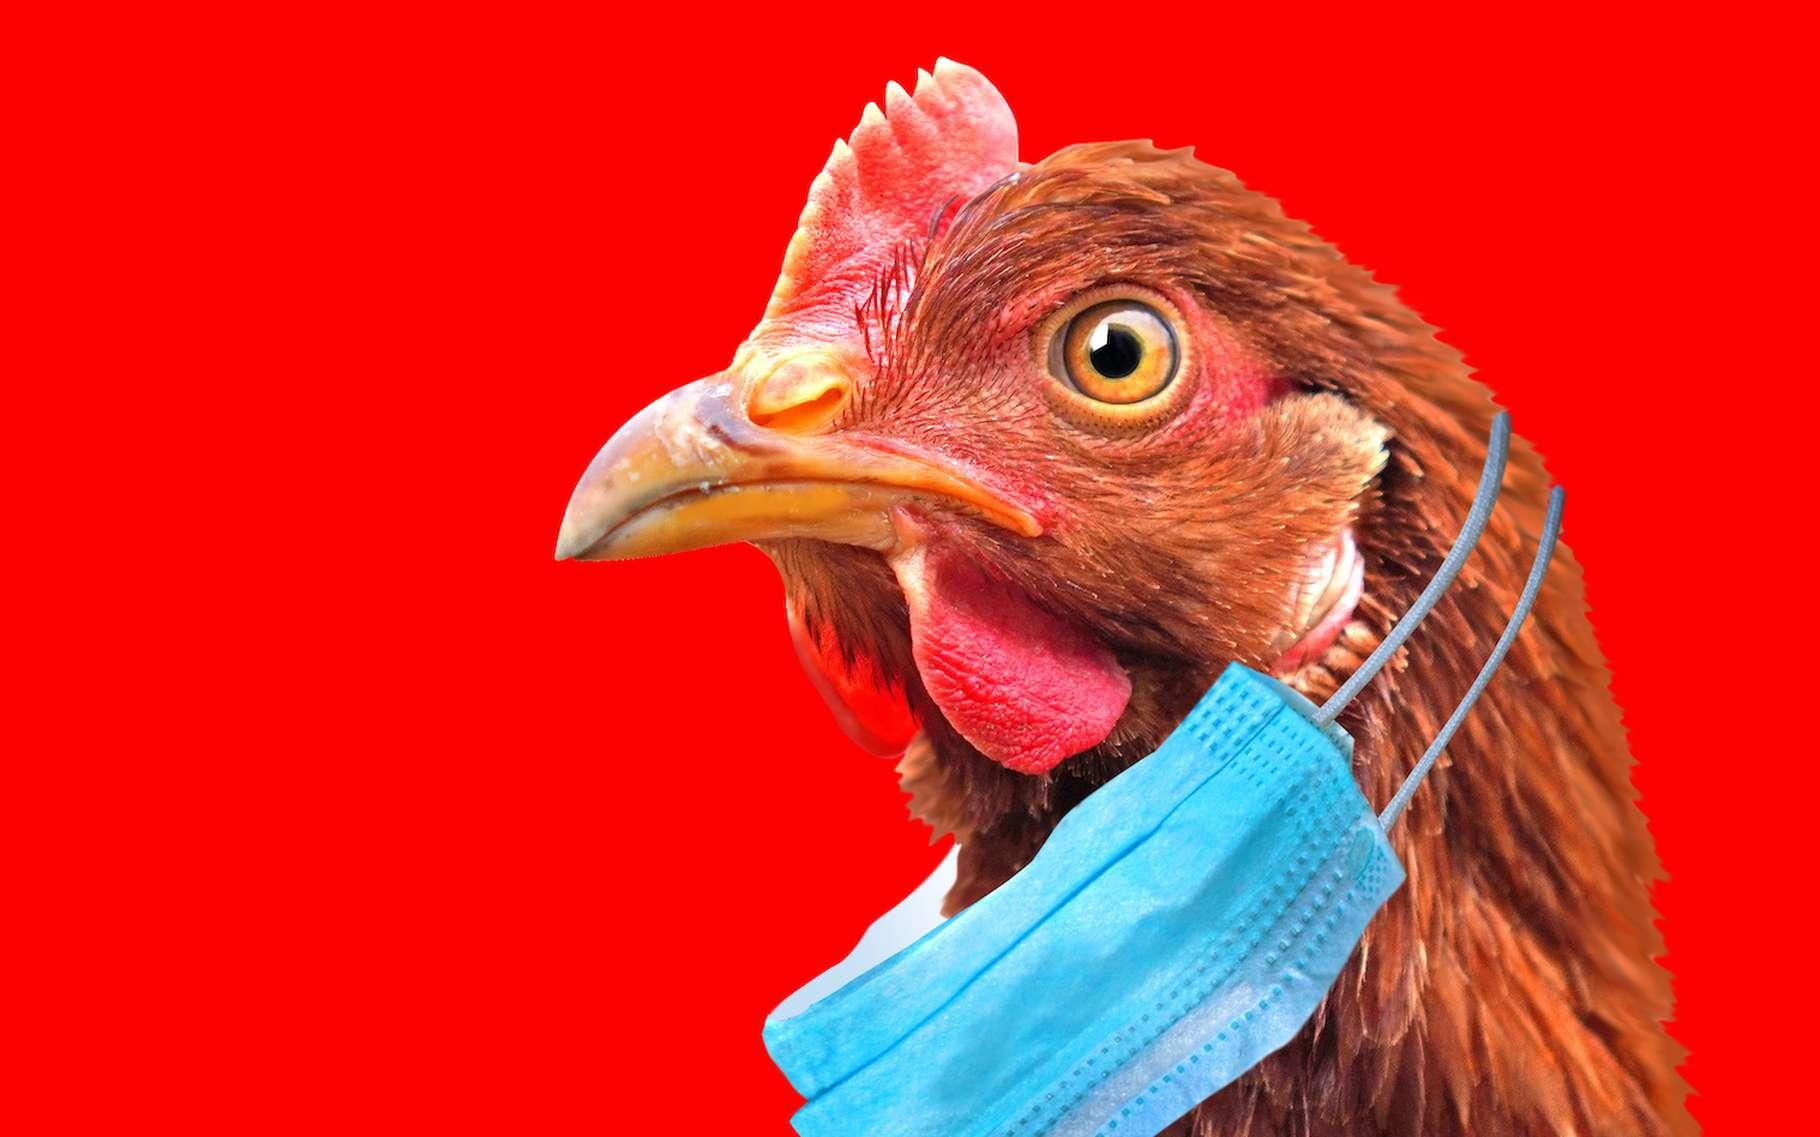 Premier cas de transmission de la grippe aviaire H5N8 à l'être humain identifié en Russie - Futura